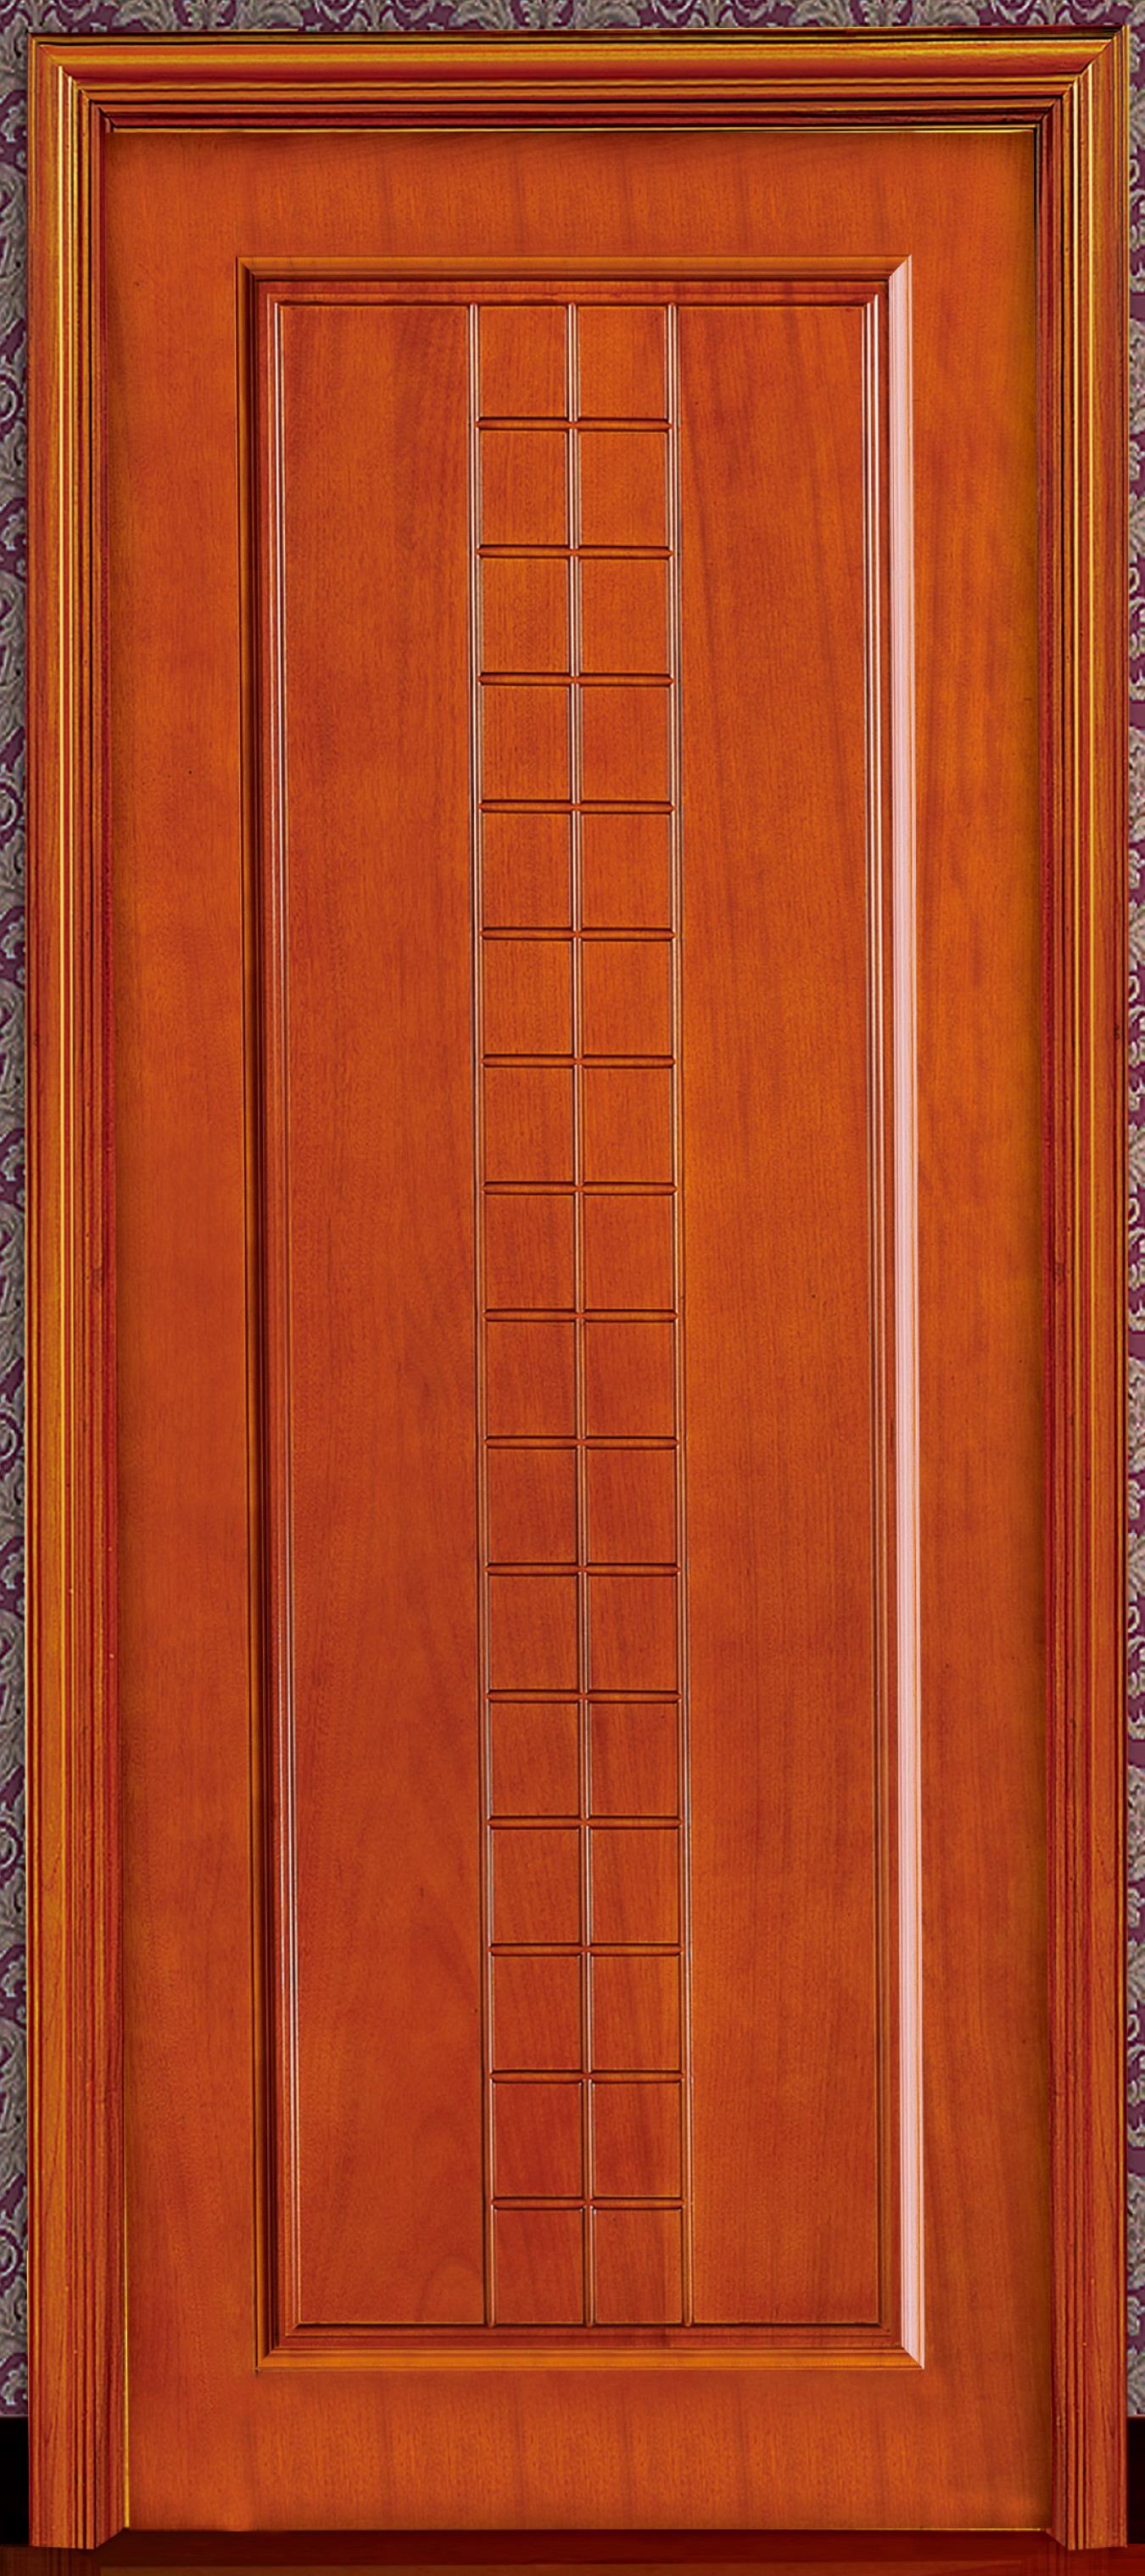 中式装修、红木整装、红木木门13